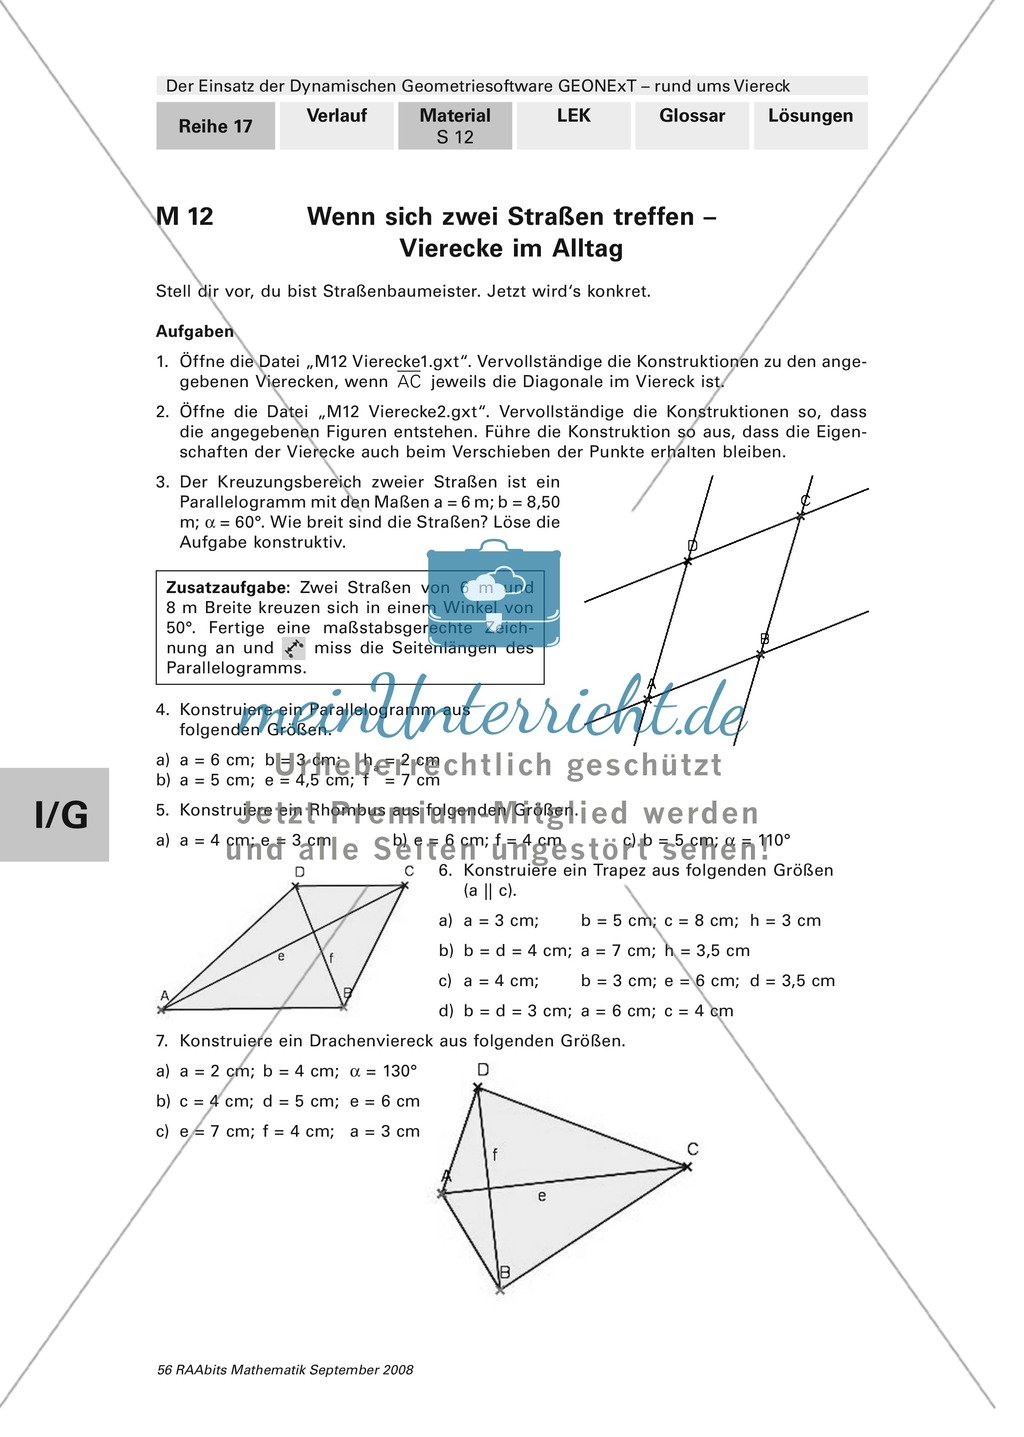 GEONExT: Verschiedene Übungen und Aufgaben zu Vierecken - meinUnterricht